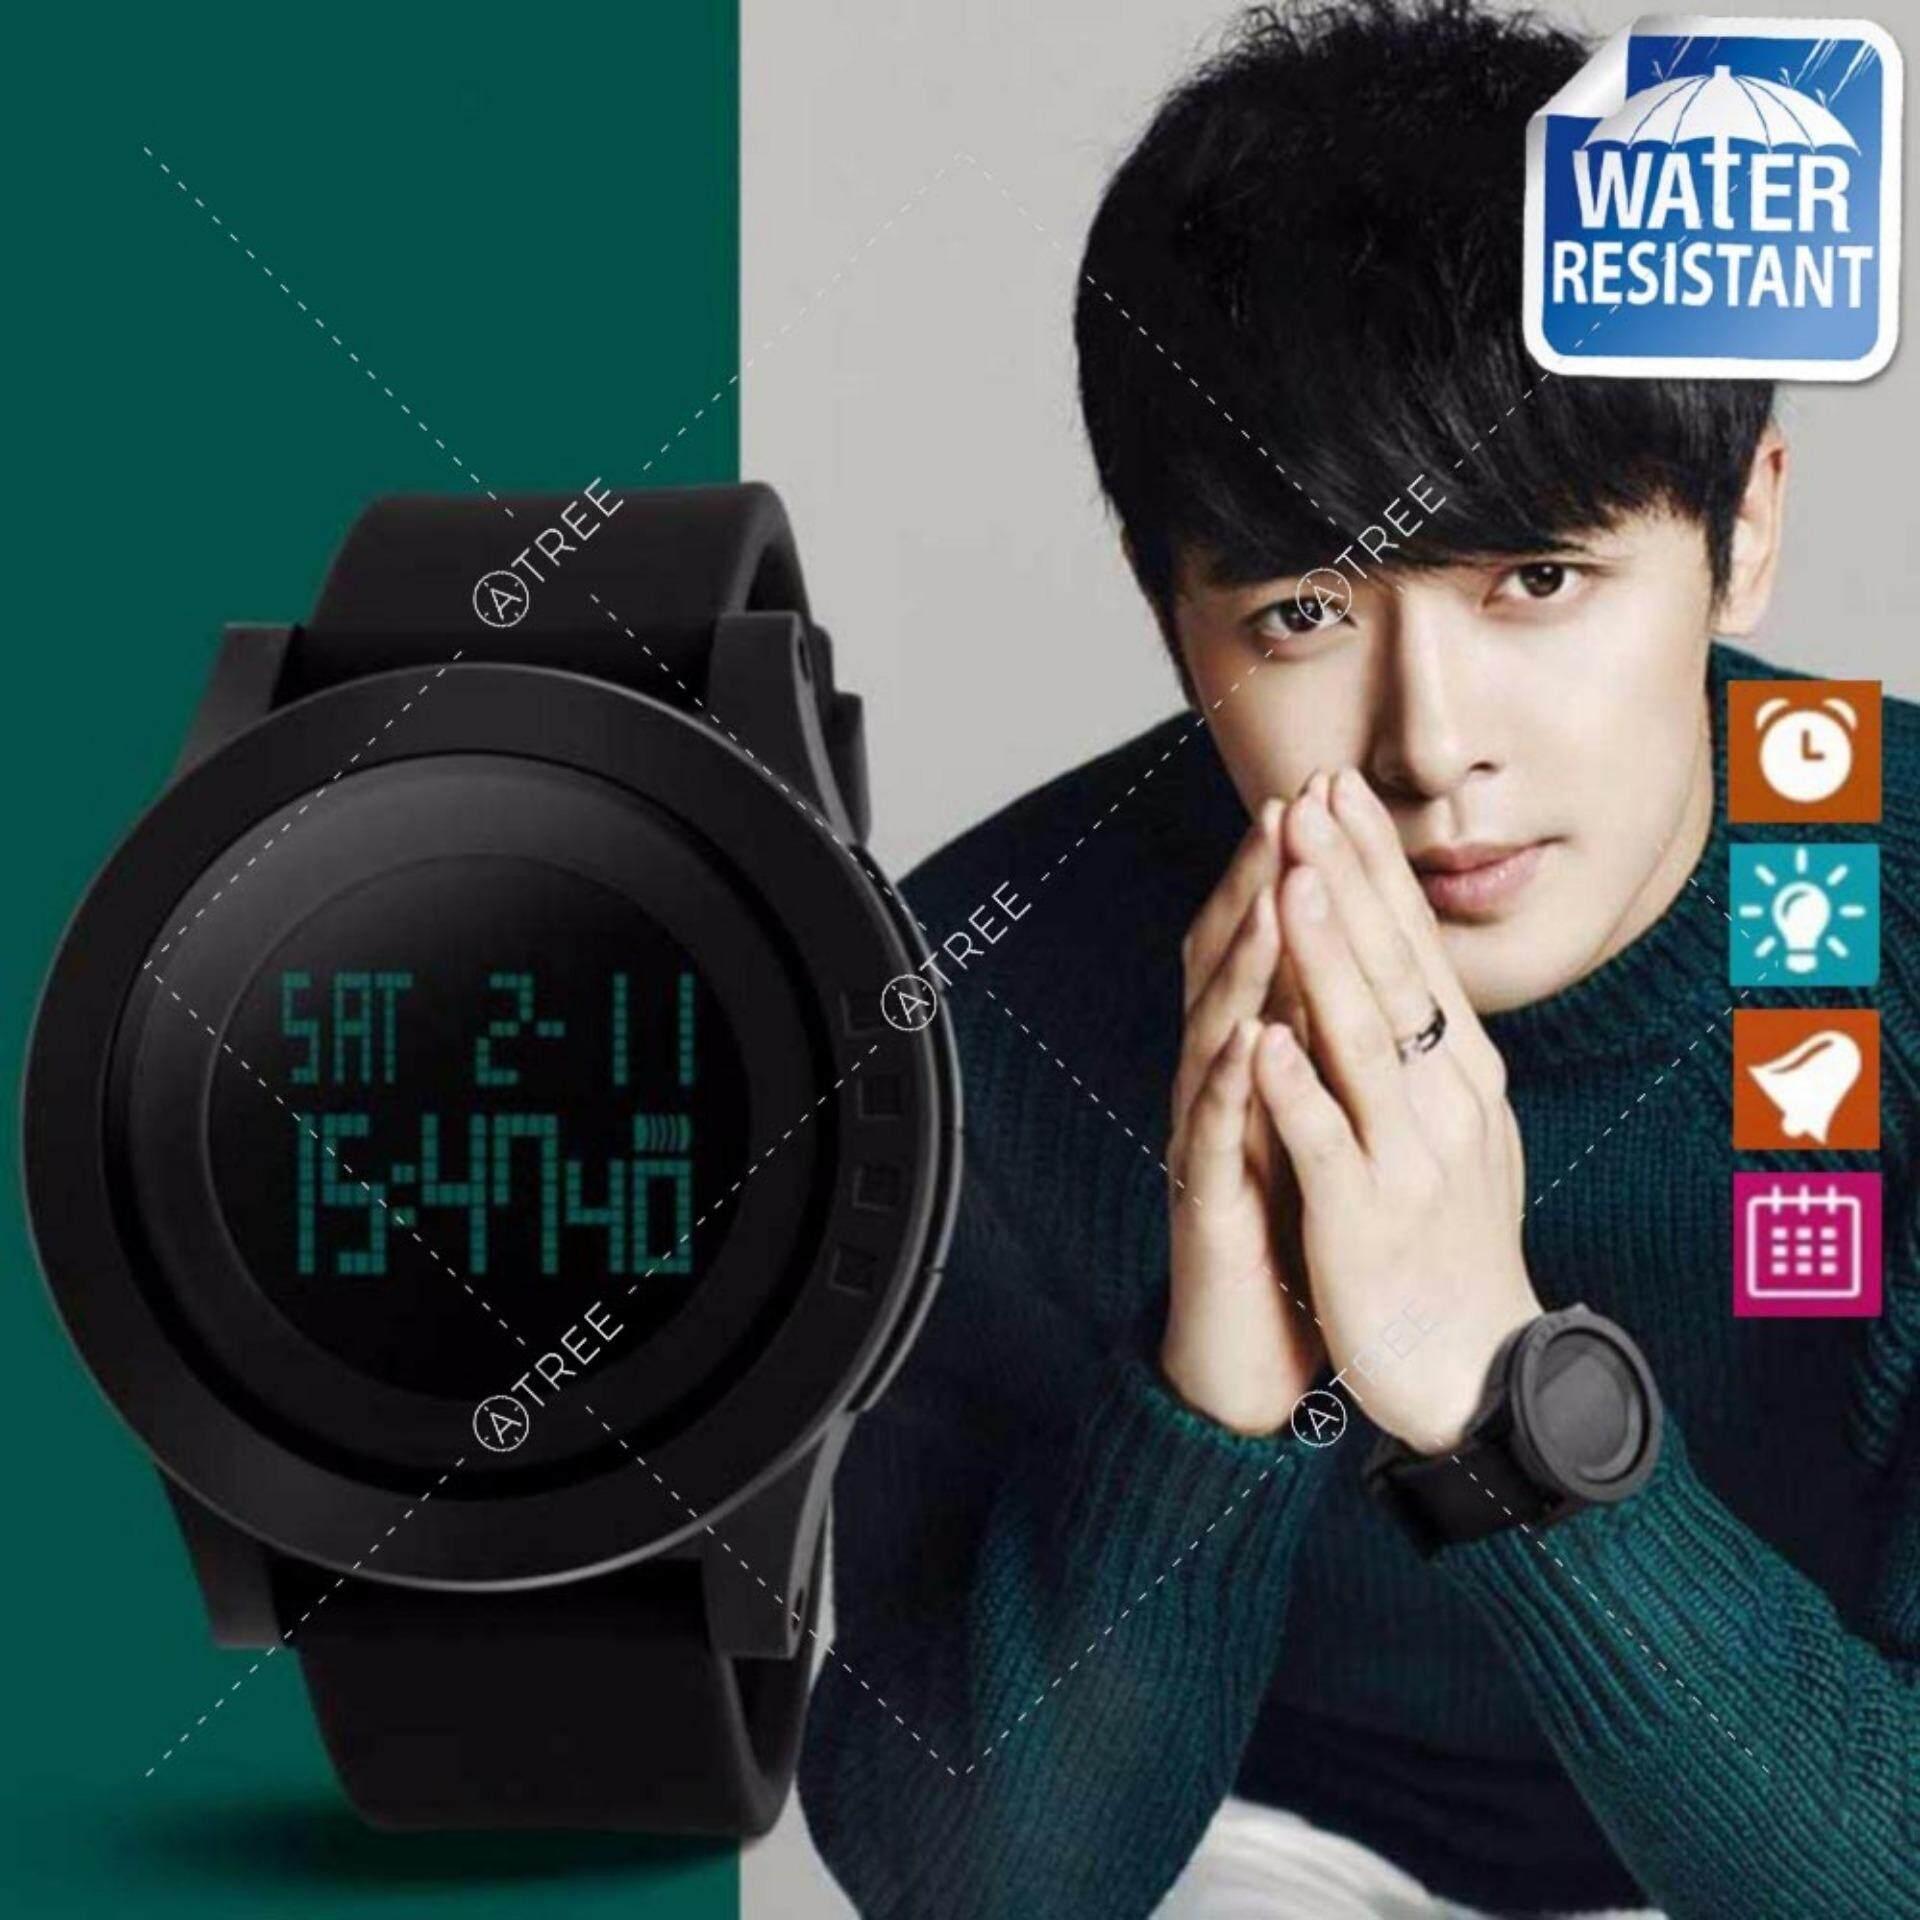 ขาย Skmei ของแท้ 100 ส่งในไทยไวแน่นอน นาฬิกาข้อมือผู้ชาย สไตล์ Sport Digital Watch บอกวันที่ ตั้งปลุก จับเวลา ตัวเลข Led ใหญ่ ชัดเจน กันน้ำ สายเรซิ่นสีดำ รุ่น Sk M1142 สีน้ำเงิน Blue Skmei ผู้ค้าส่ง